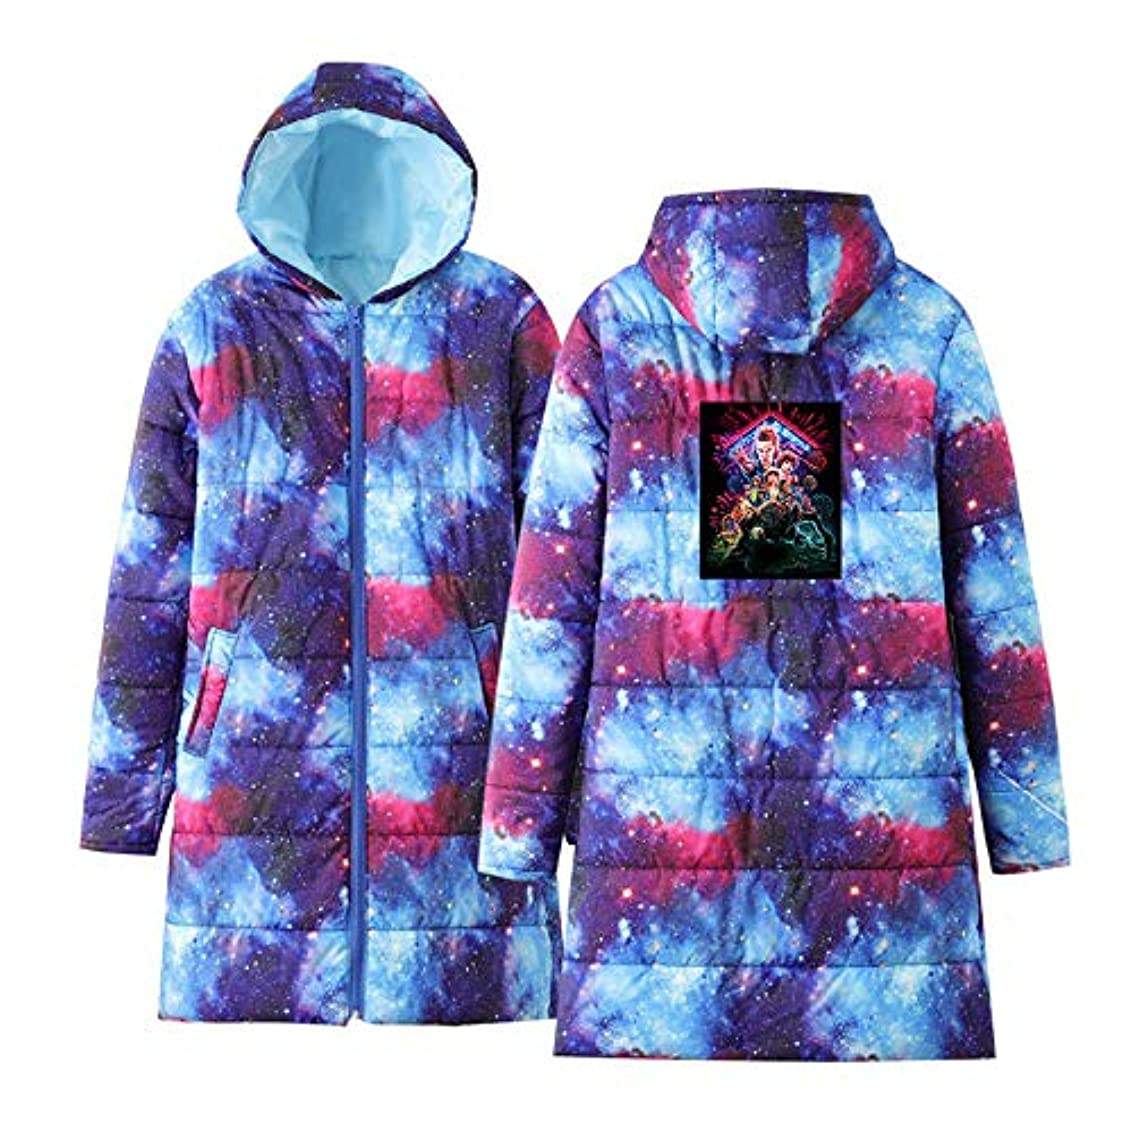 トーク貨物付属品男性と女性の軽量コート、超軽量スリムフード付き暖かいカジュアルロングスリーブ印刷ヨーロッパアメリカのトレンドダウンジャケット,Starrysky,S